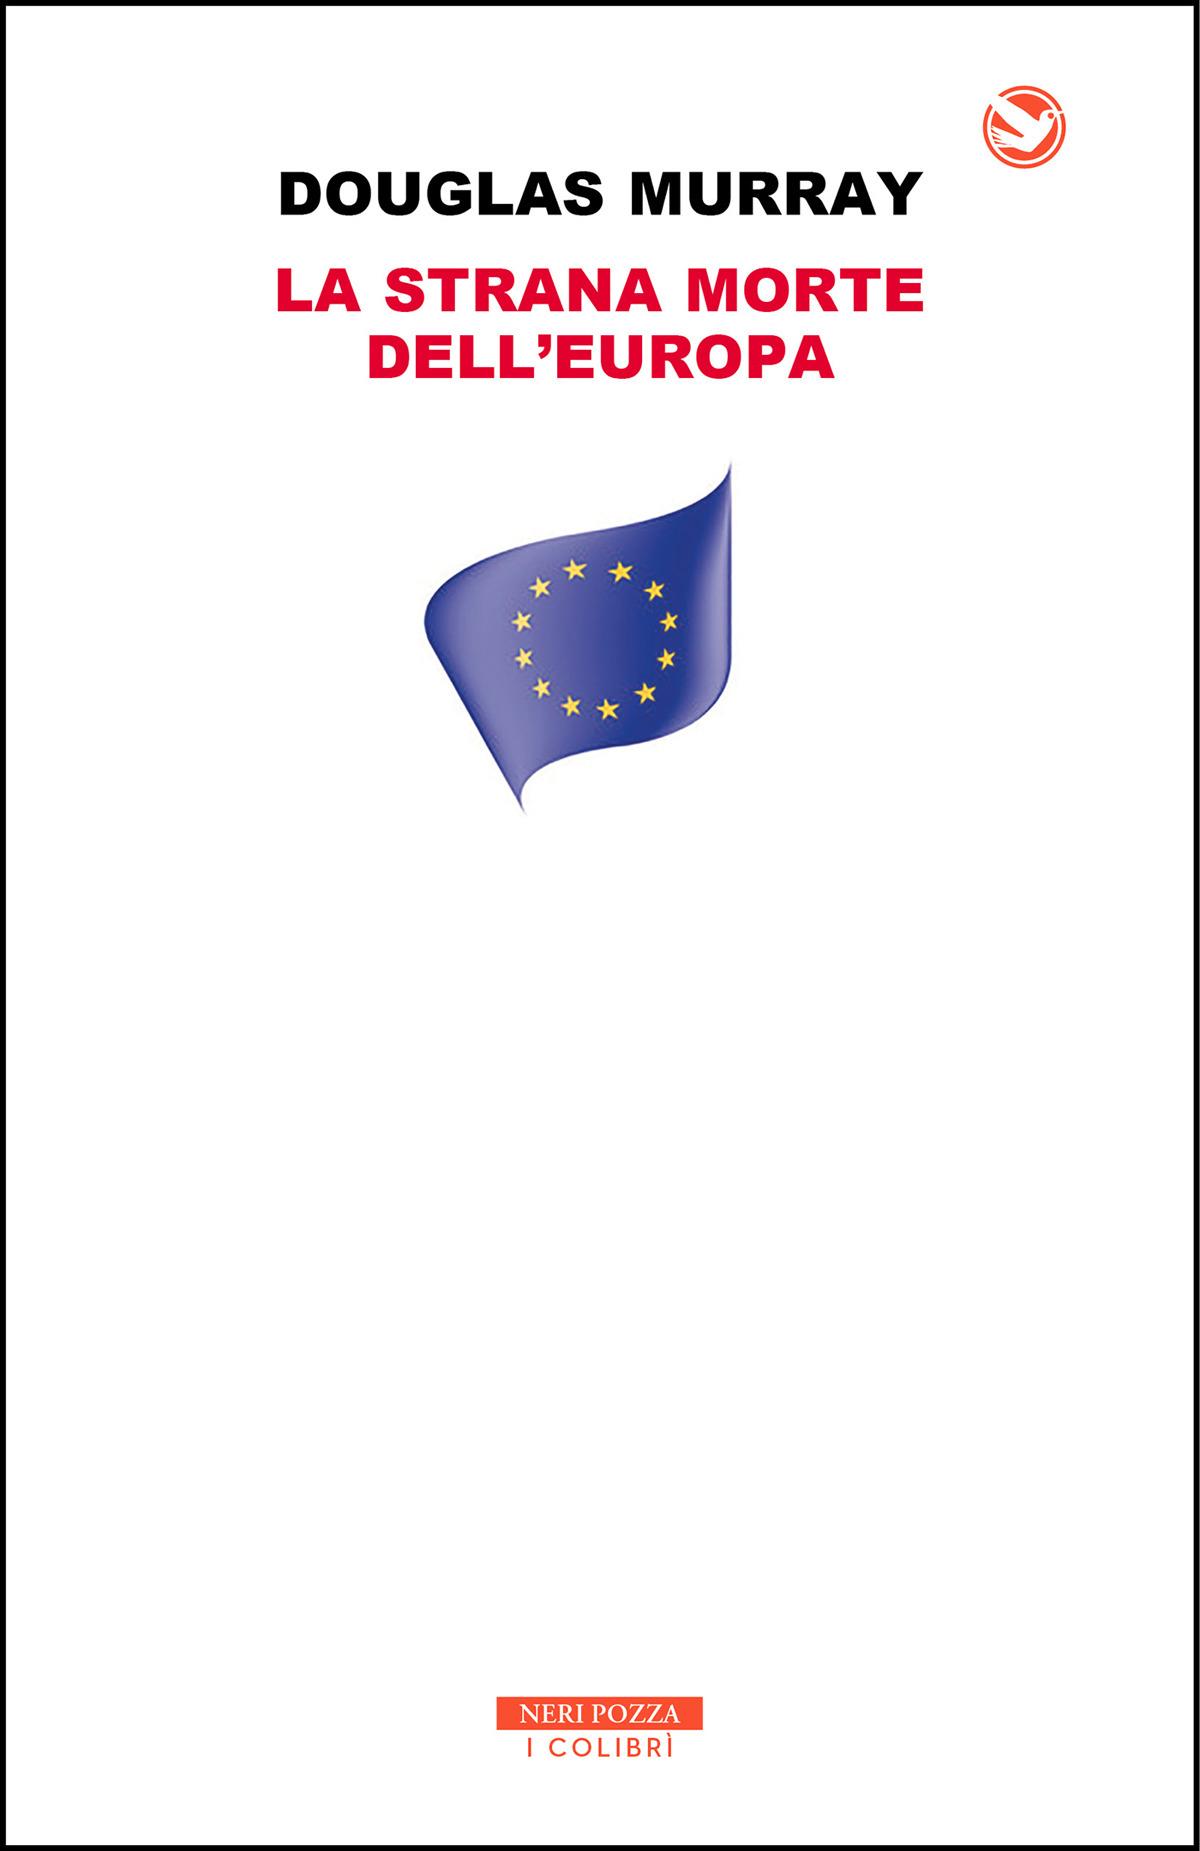 La strana morte dell'Europa